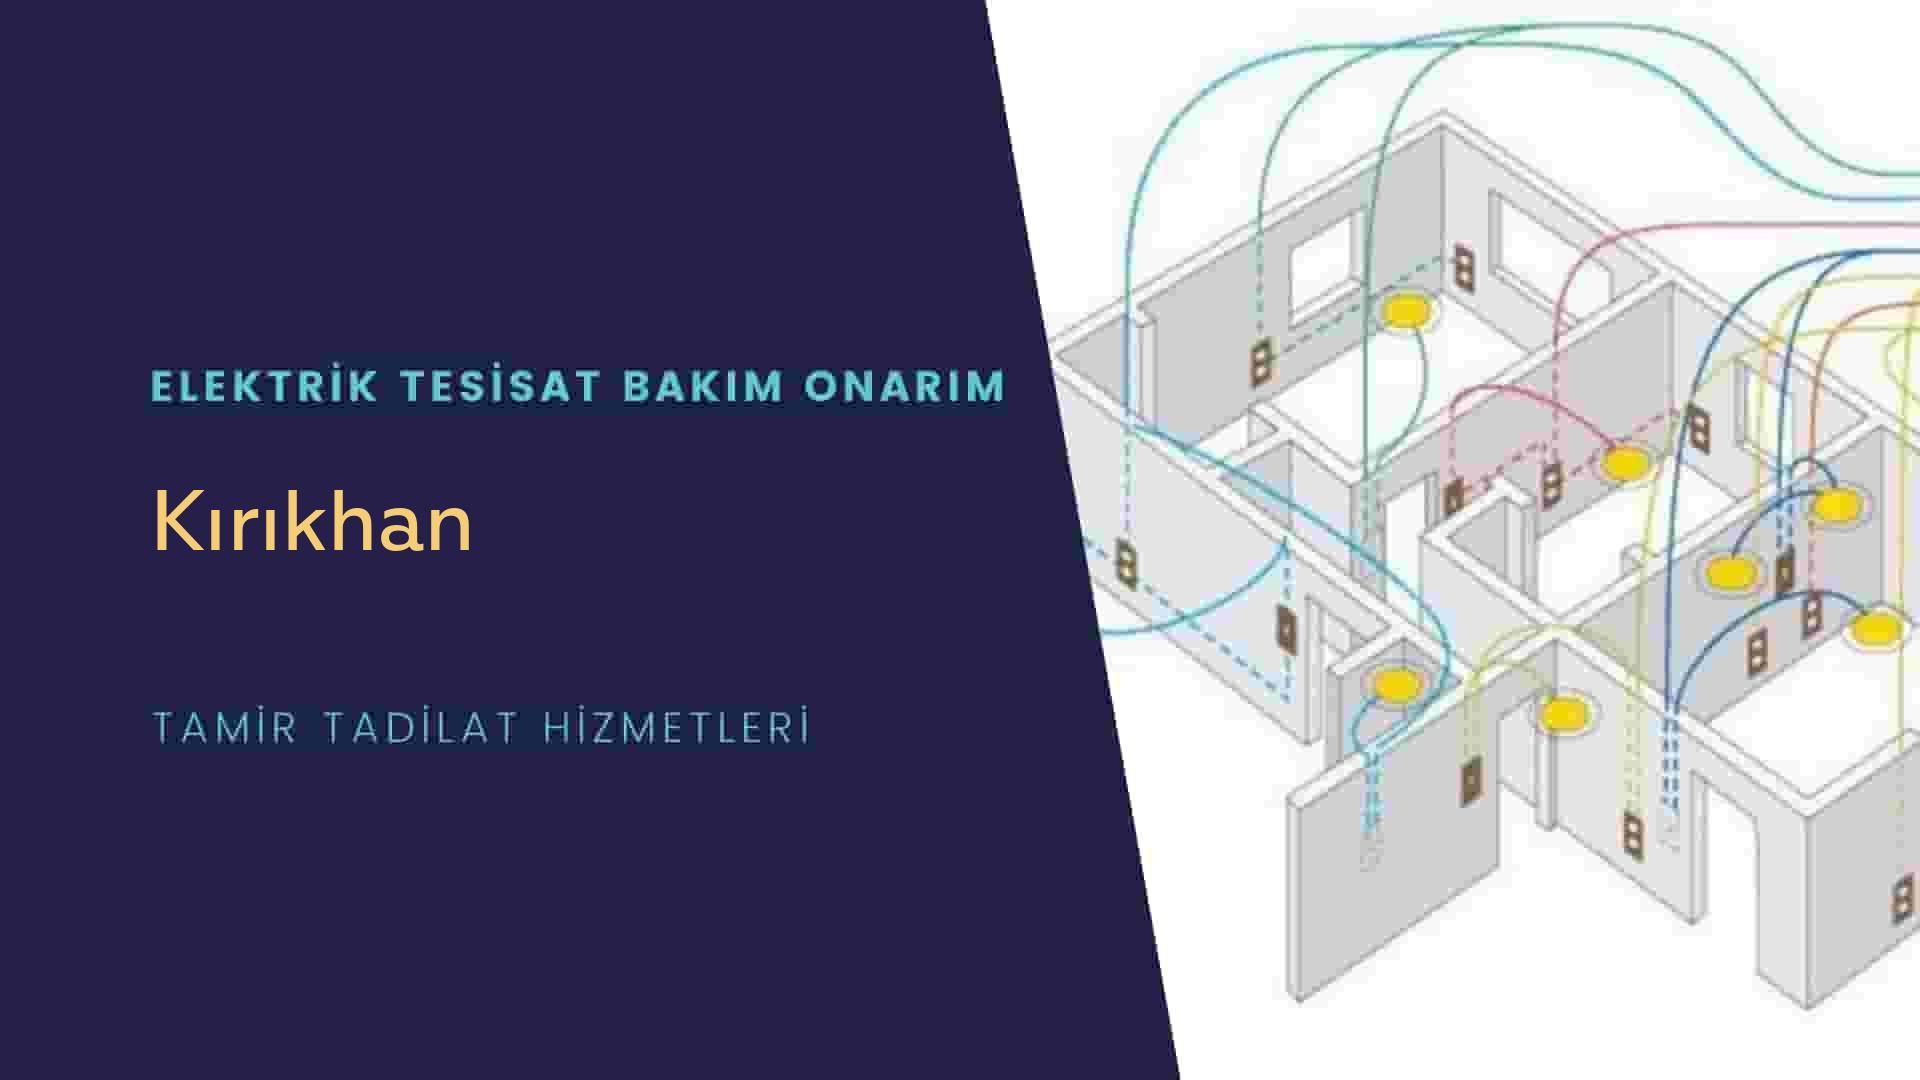 Kırıkhan'da elektrik tesisatıustalarımı arıyorsunuz doğru adrestenizi Kırıkhan elektrik tesisatı ustalarımız 7/24 sizlere hizmet vermekten mutluluk duyar.